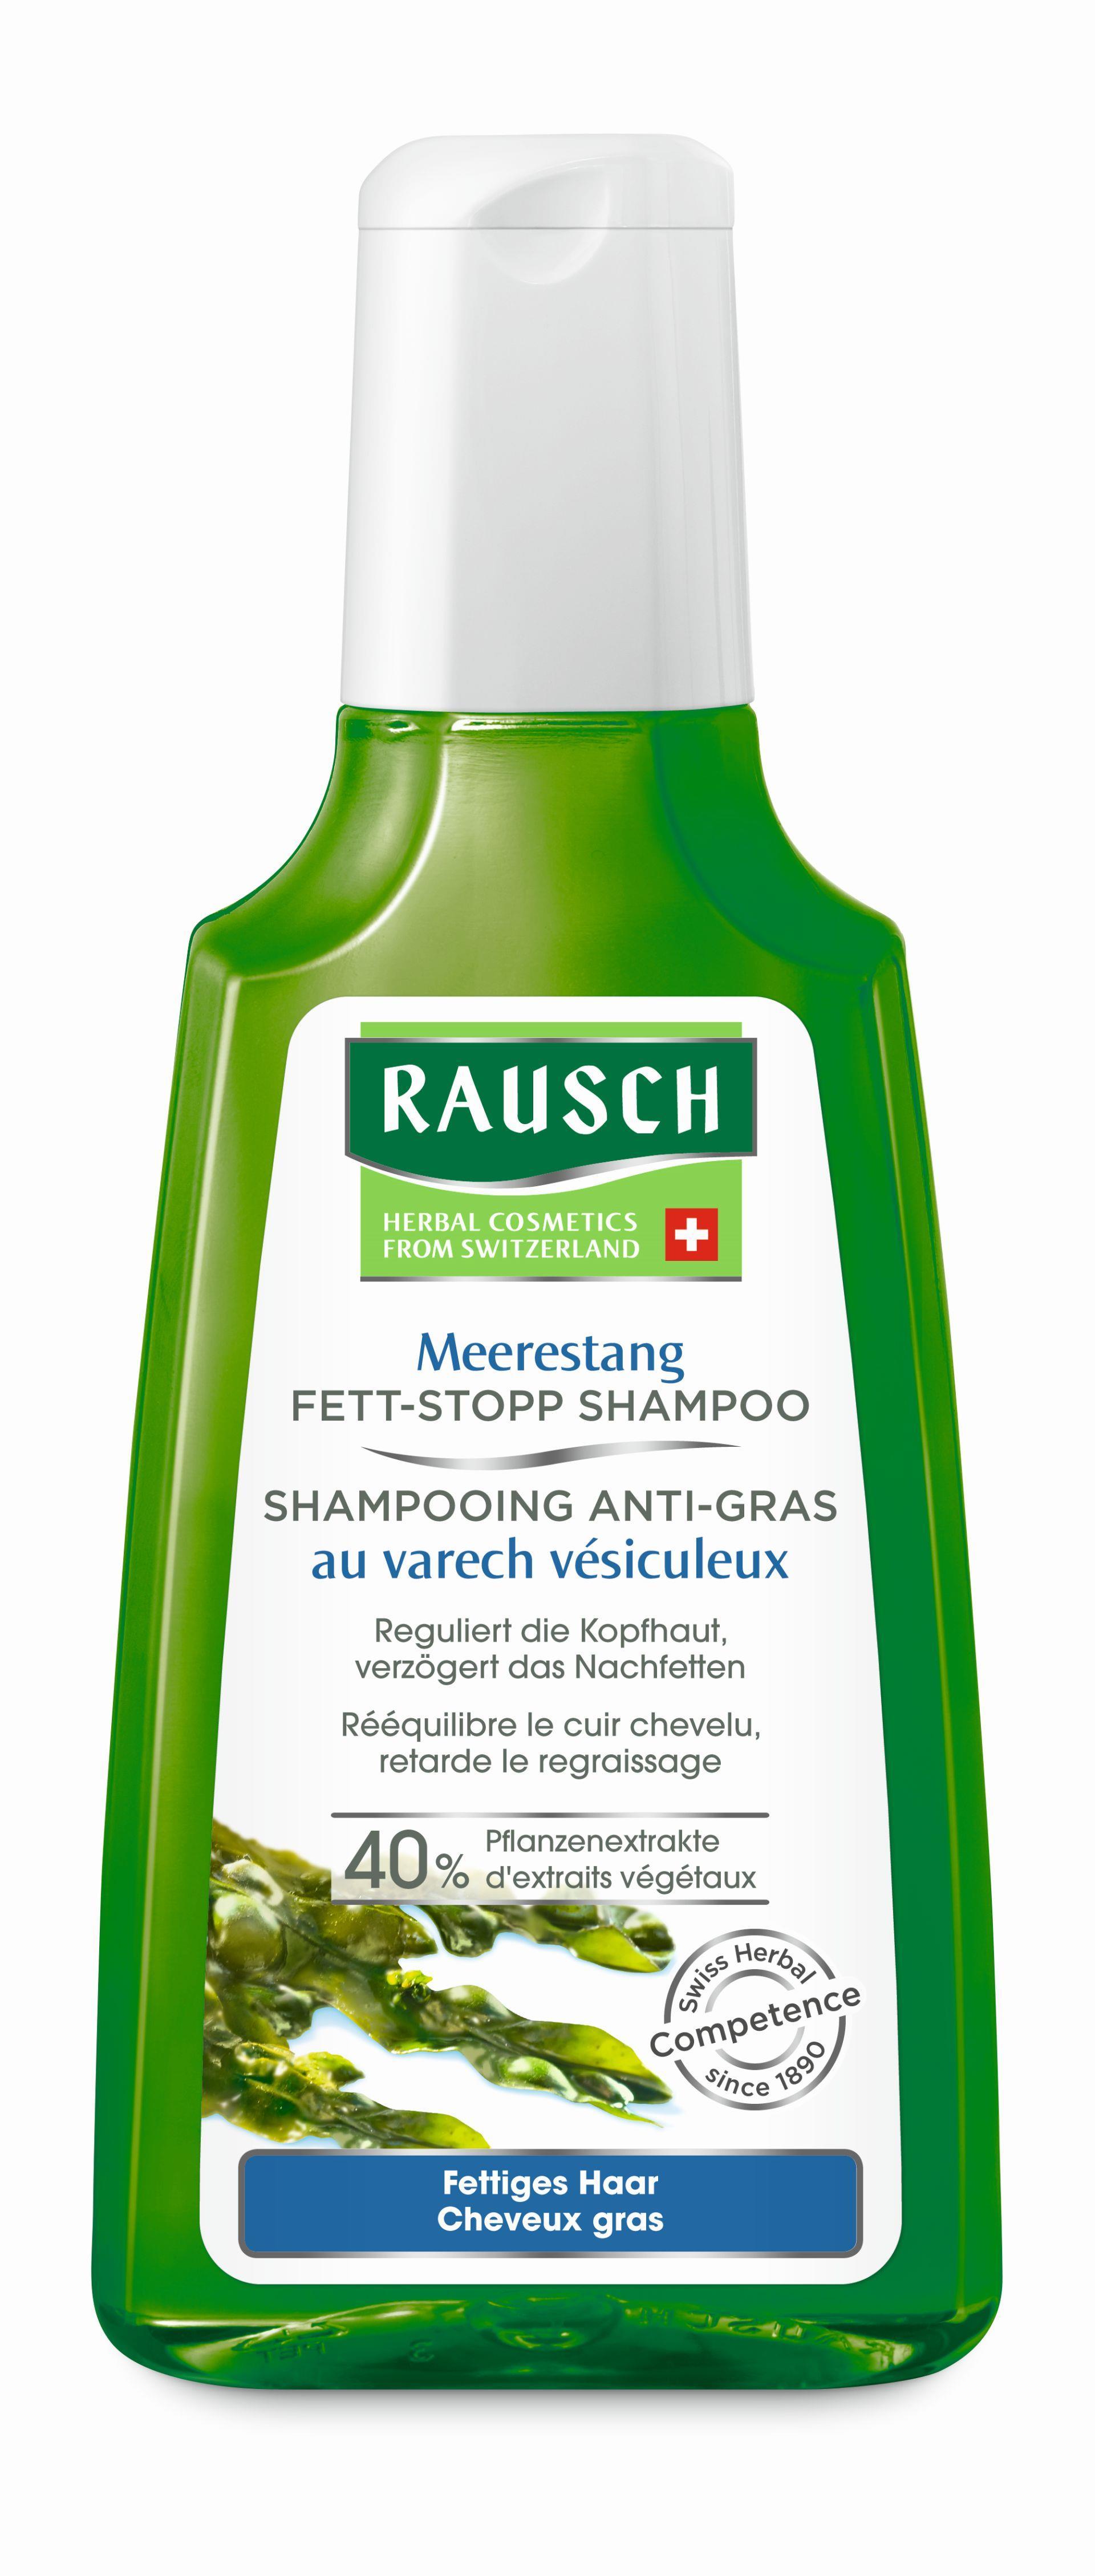 Rausch Meerestang Fett-Stop Shampoo